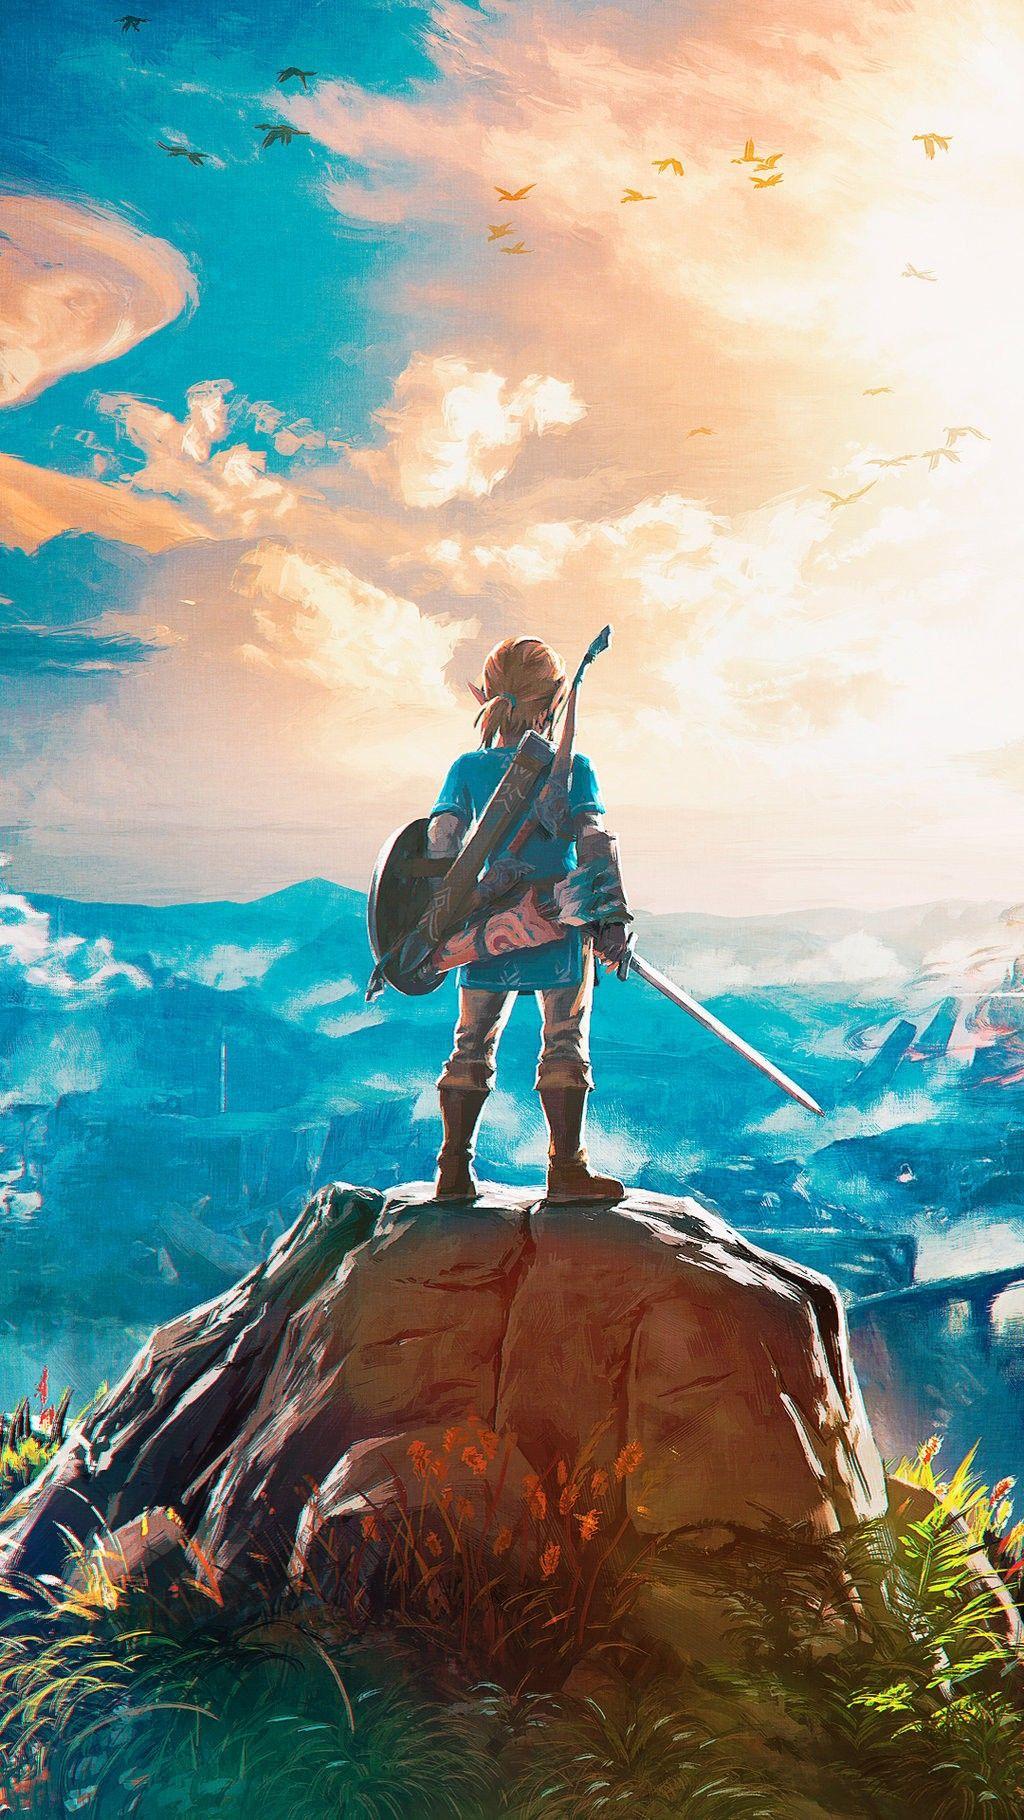 Zelda iphone wallpaper tumblr - Zelda Iphone Wallpapers Group